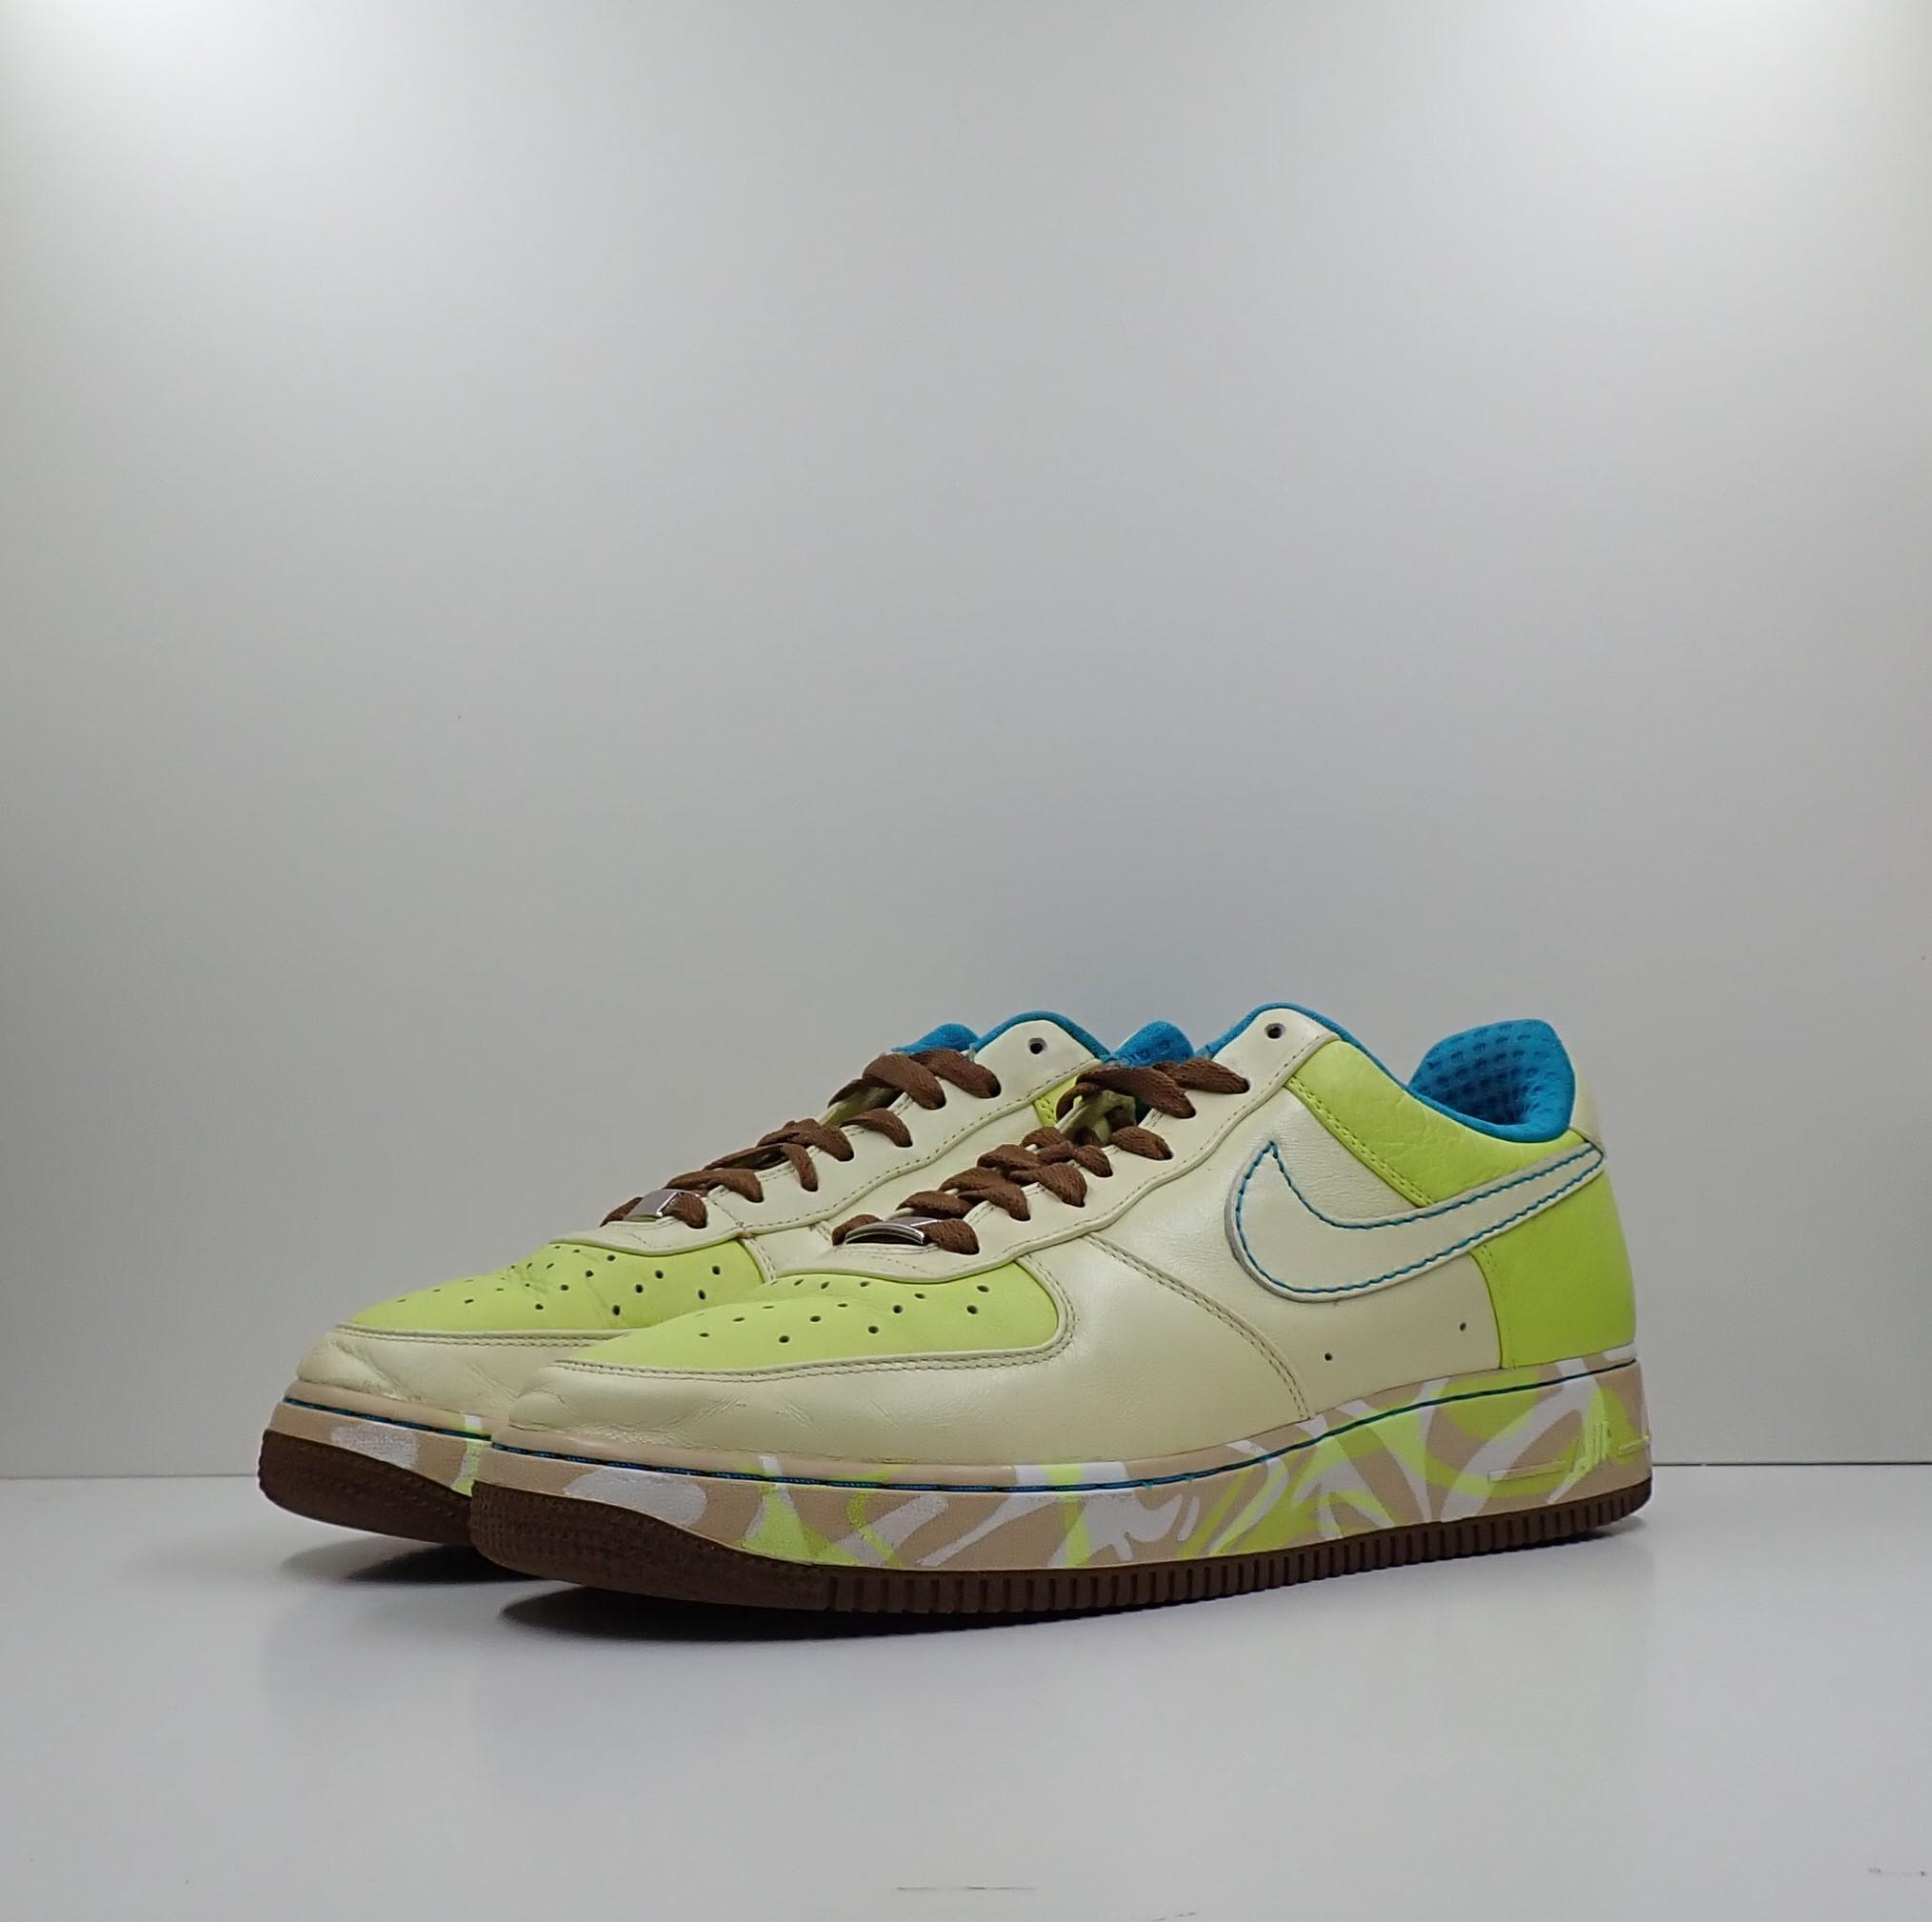 Nike Air Force 1 Premium '07 ' White Lime